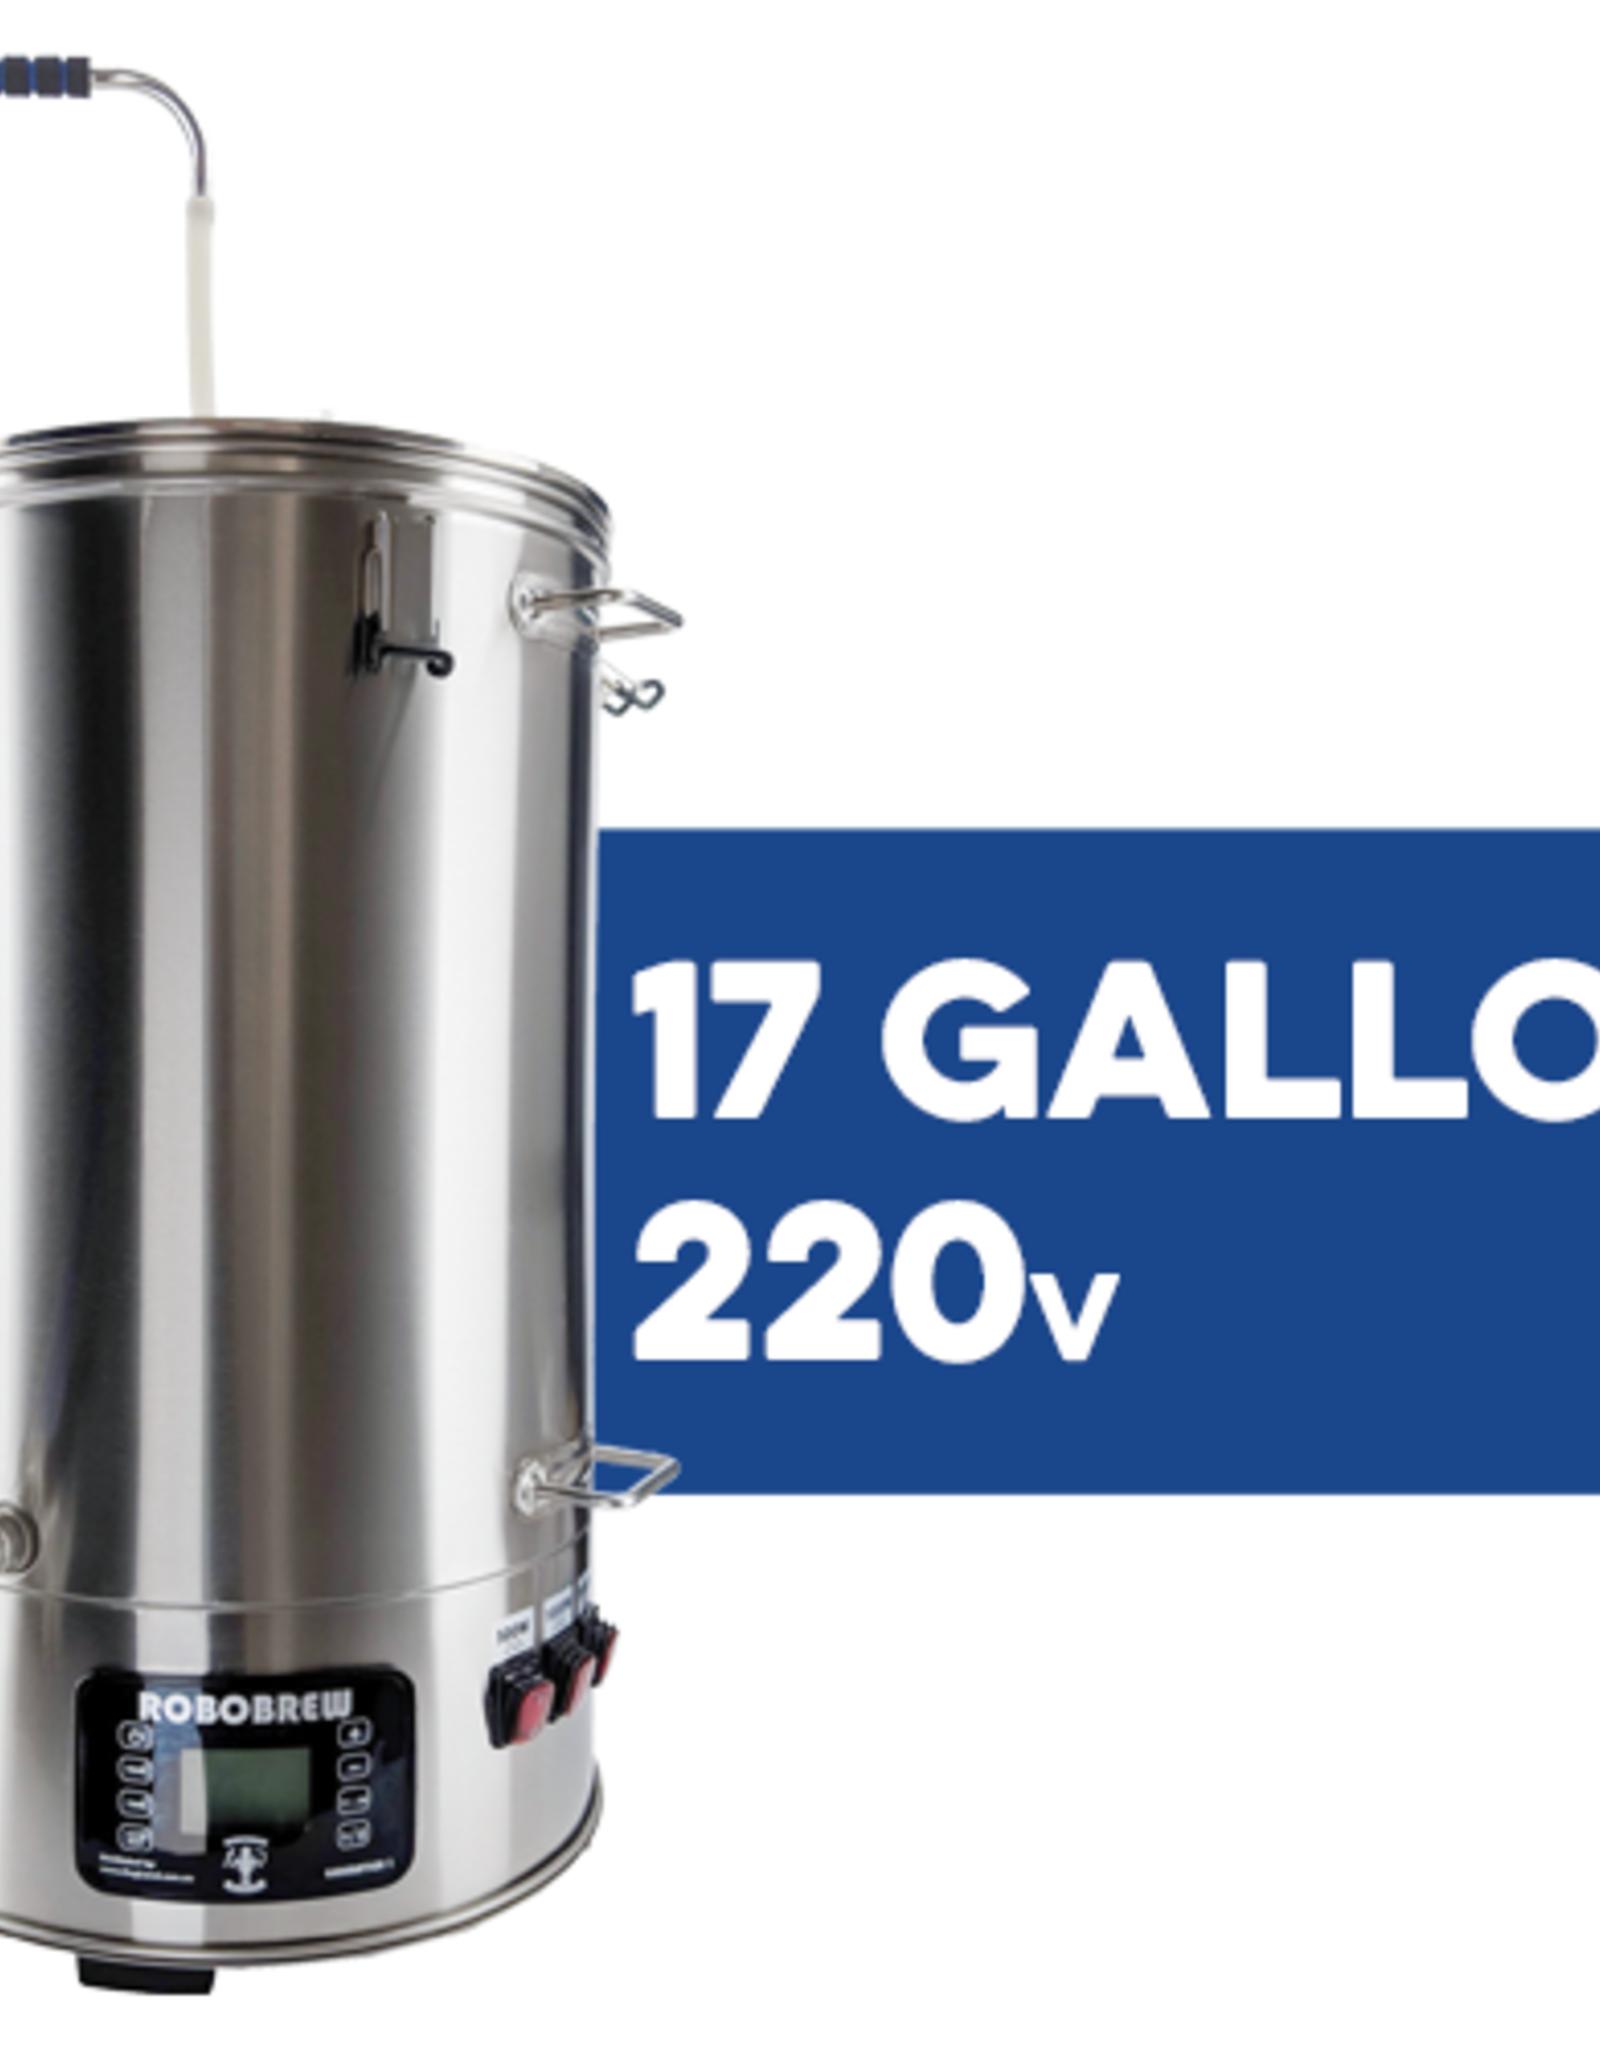 BrewZilla V3.1.1 All Grain Brewing System With Pump - 65L/17.1G (220V)